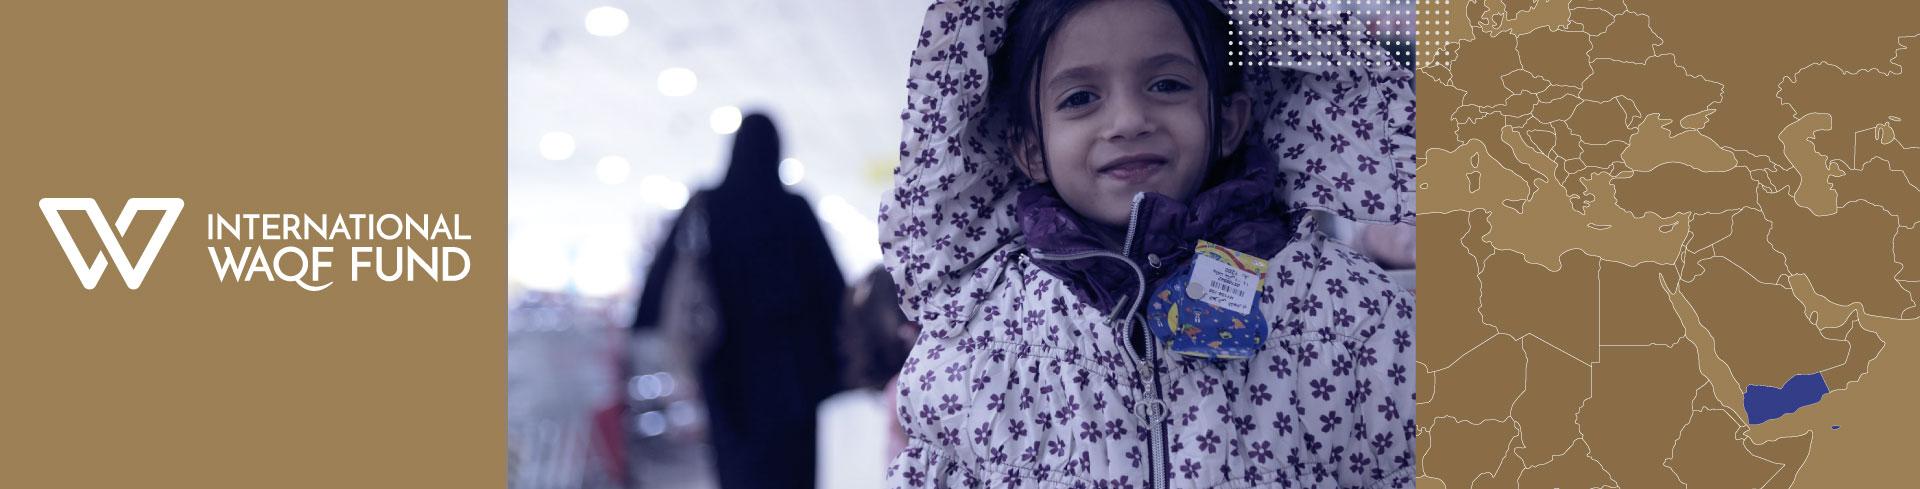 Keeping warm in Yemen